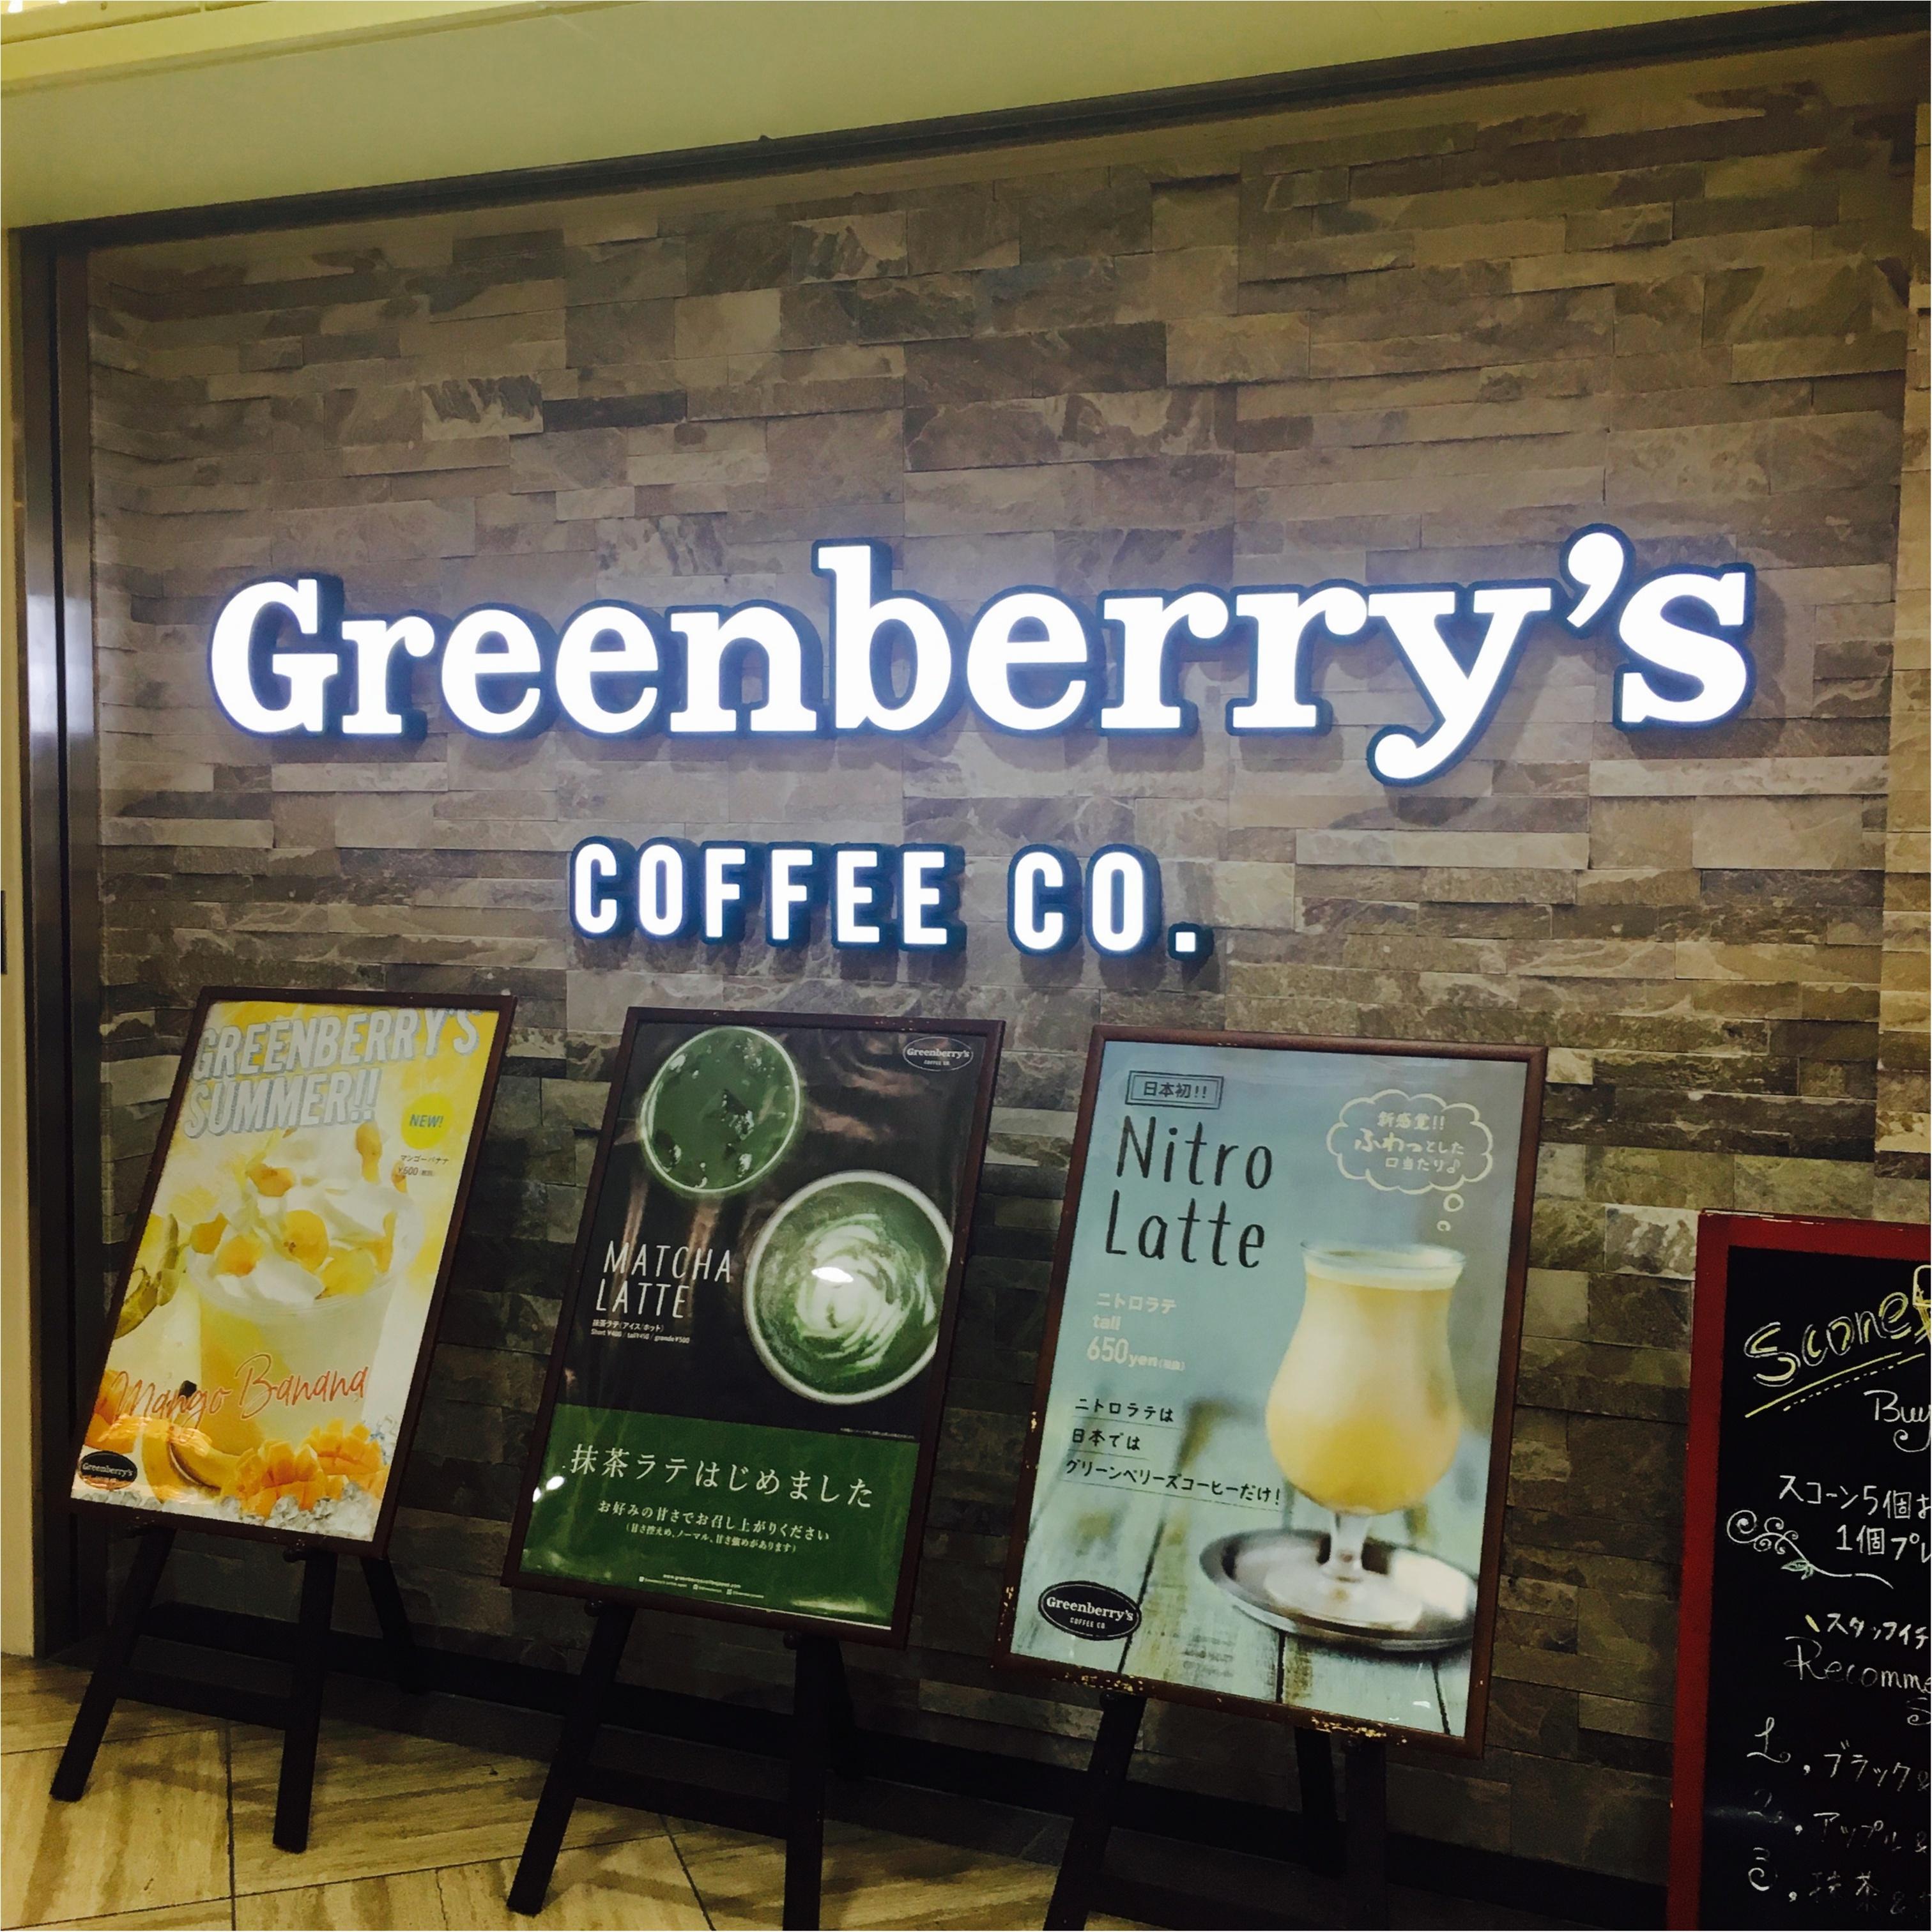 [Greenberry's coffee]日本に4店舗しかないオススメカフェ!マッチャラテが美味しすぎる!_1